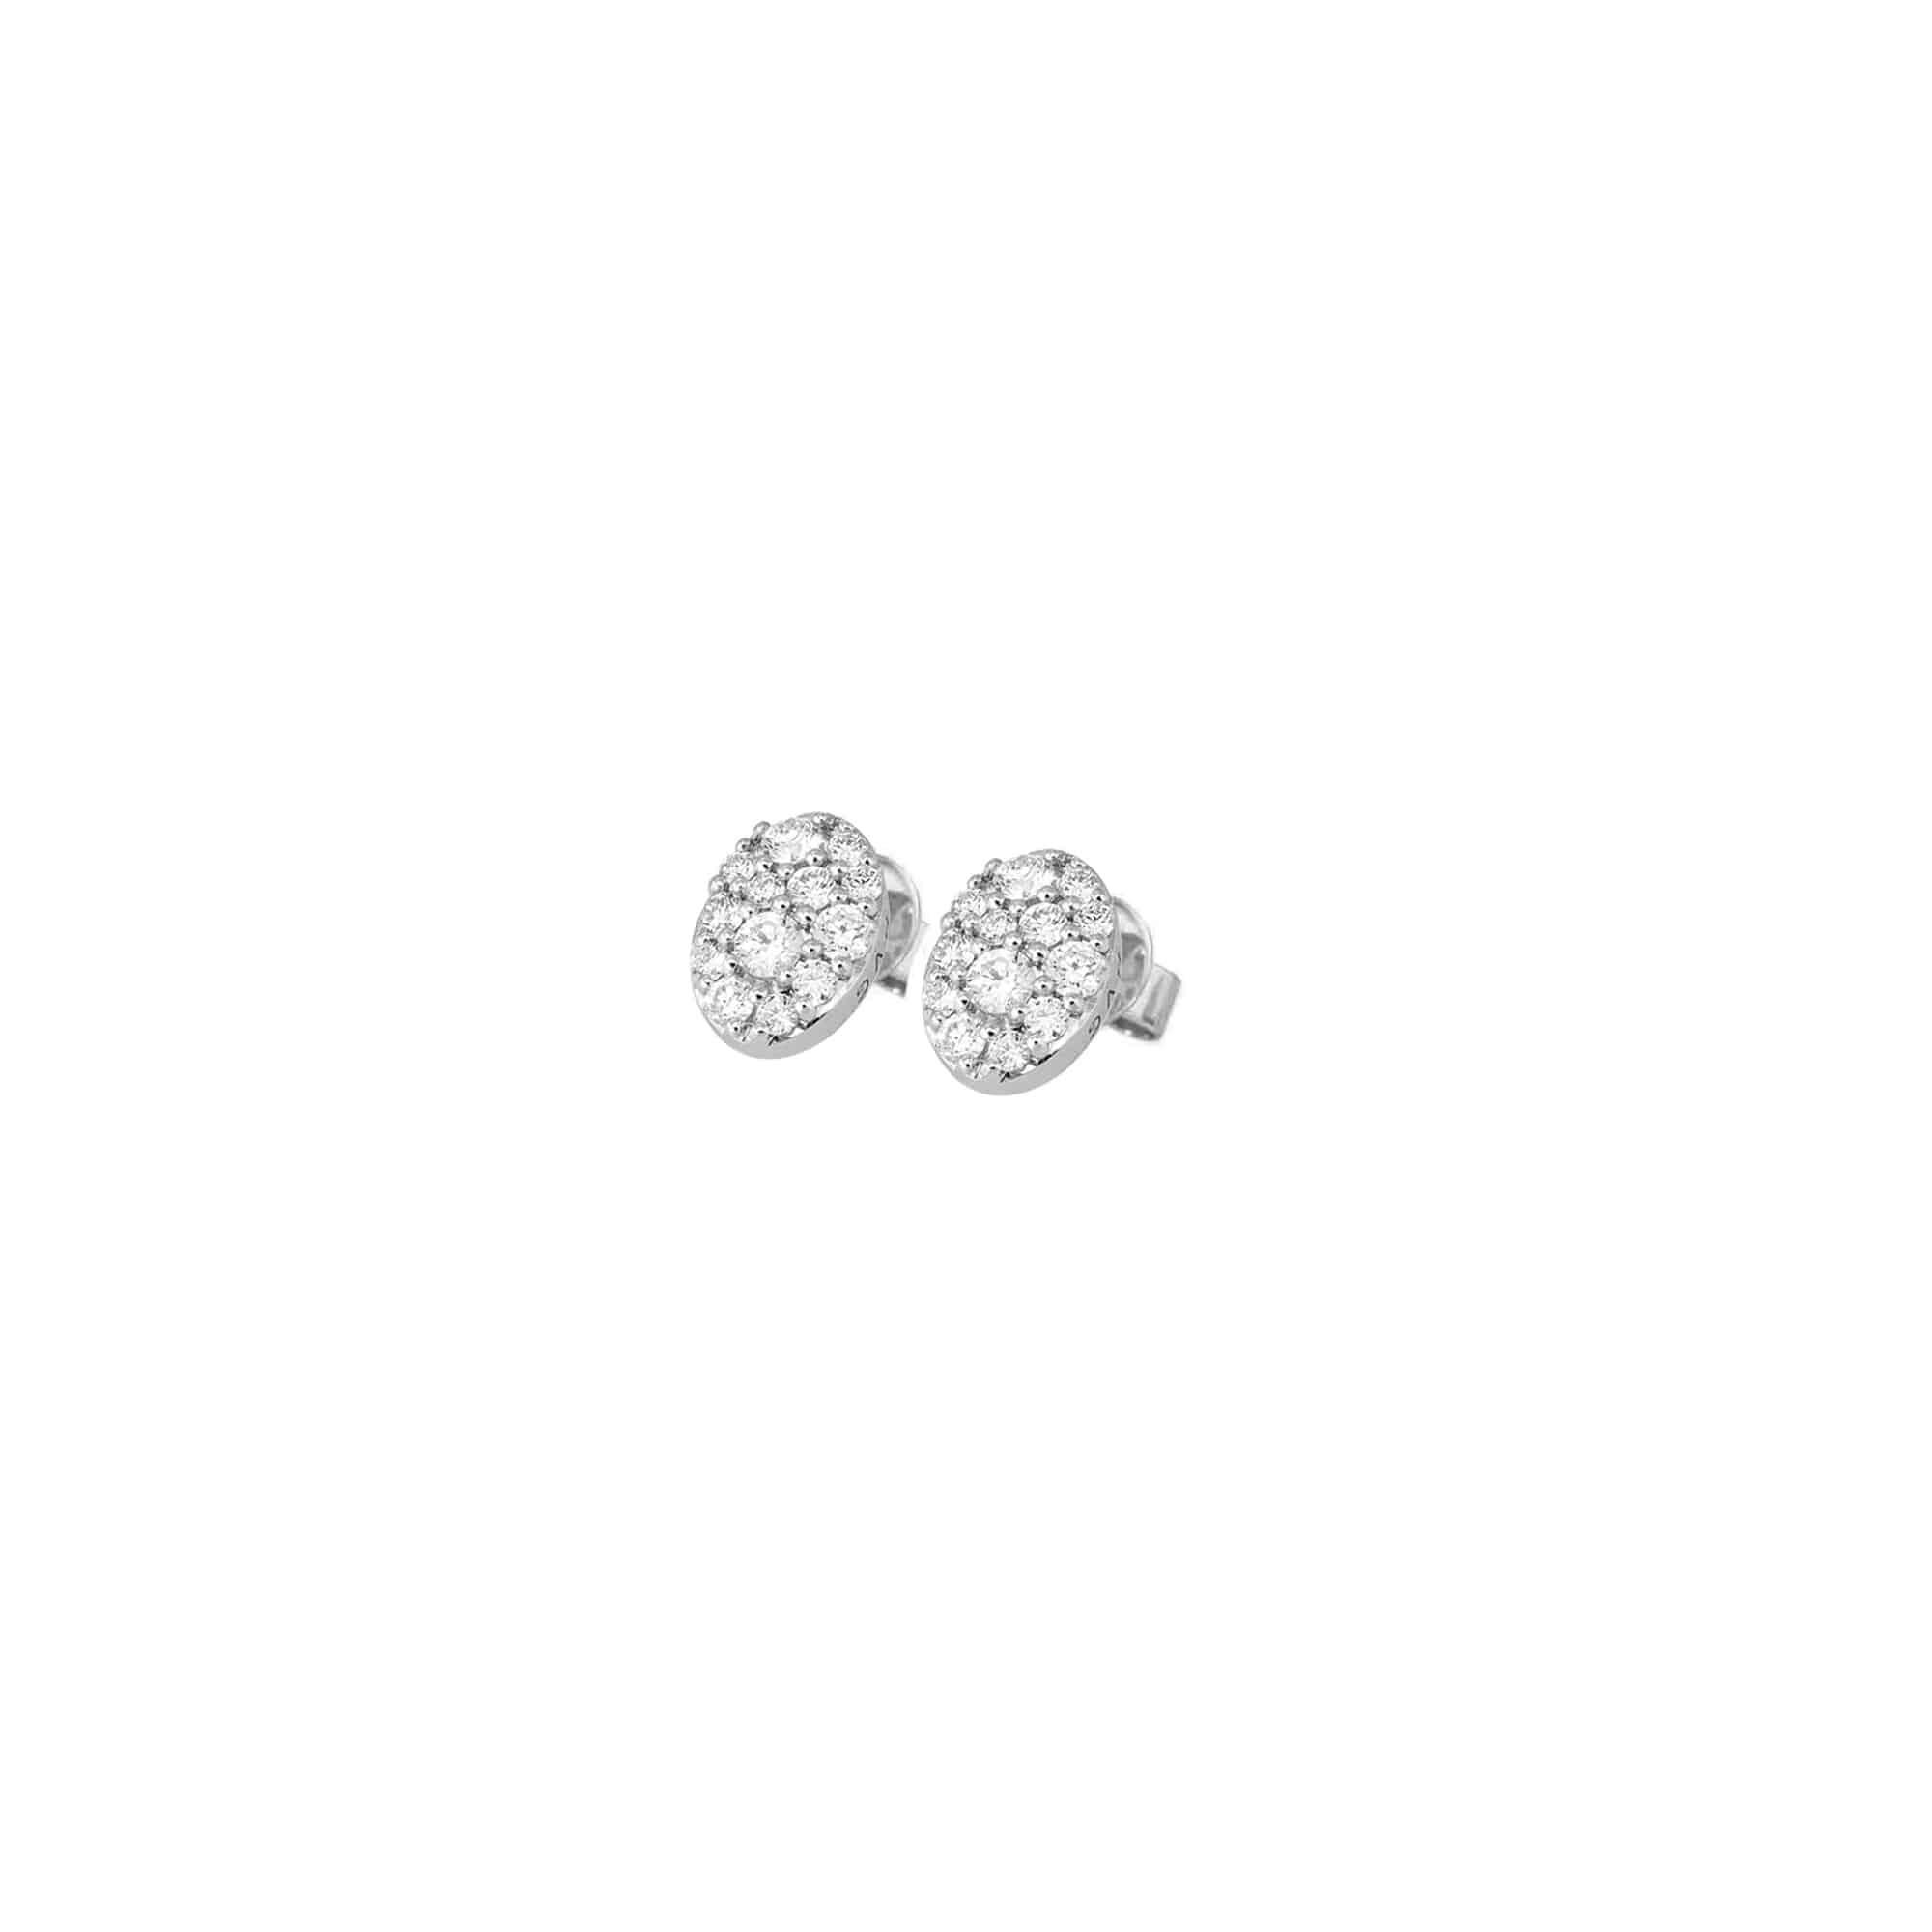 Ohrschmuck aus Weißgold mit Diamanten